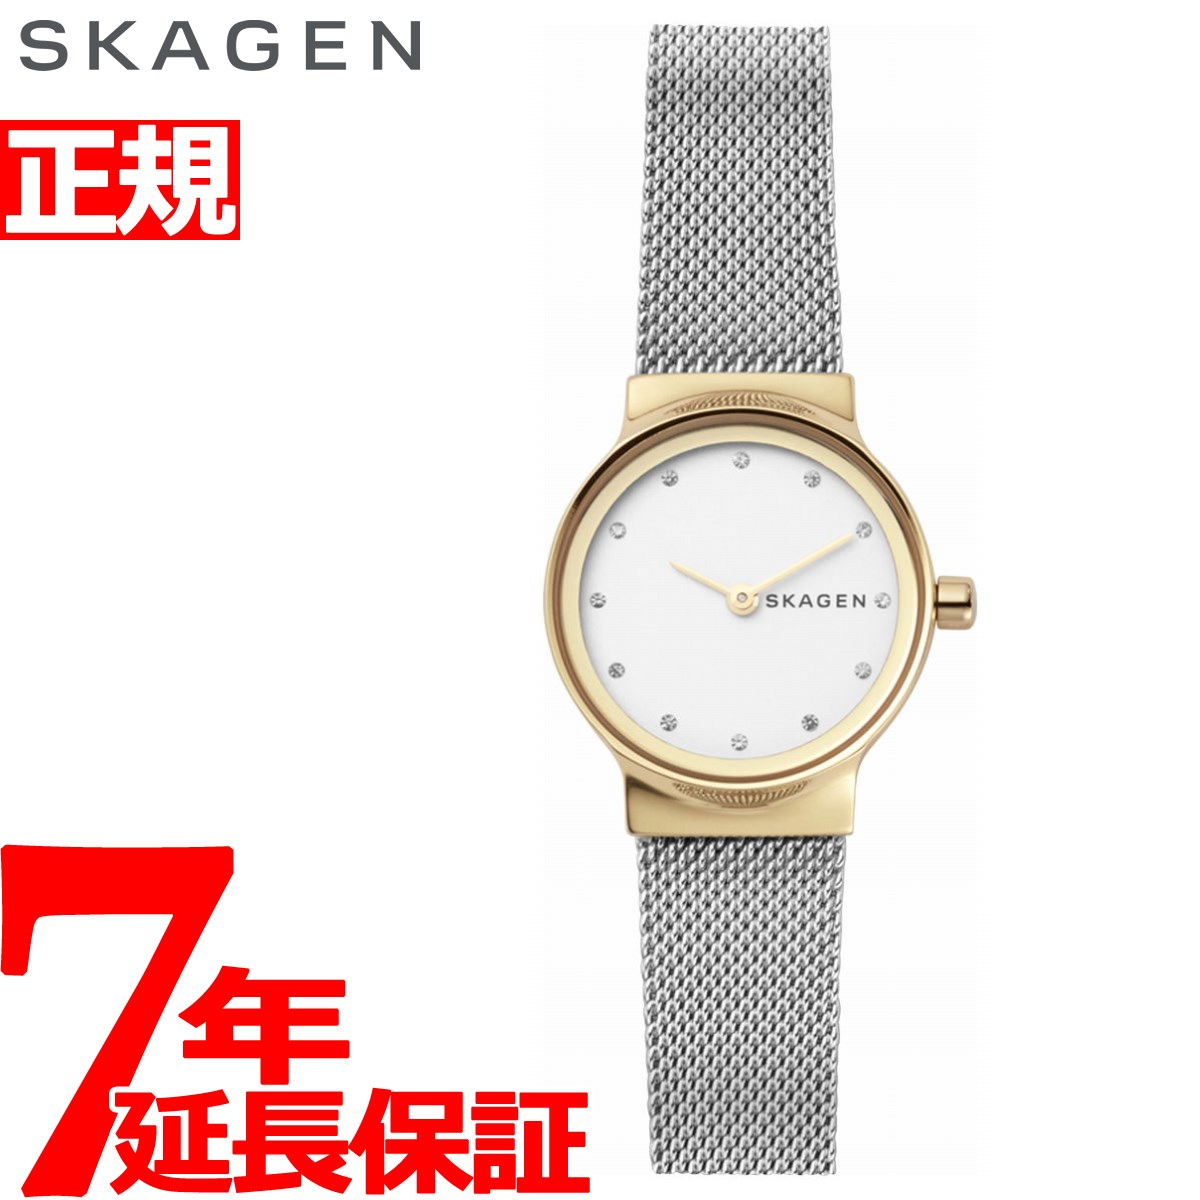 【お買い物マラソンは当店がお得♪本日20より!】スカーゲン SKAGEN 腕時計 レディース フレジャ FREJA SKW2666